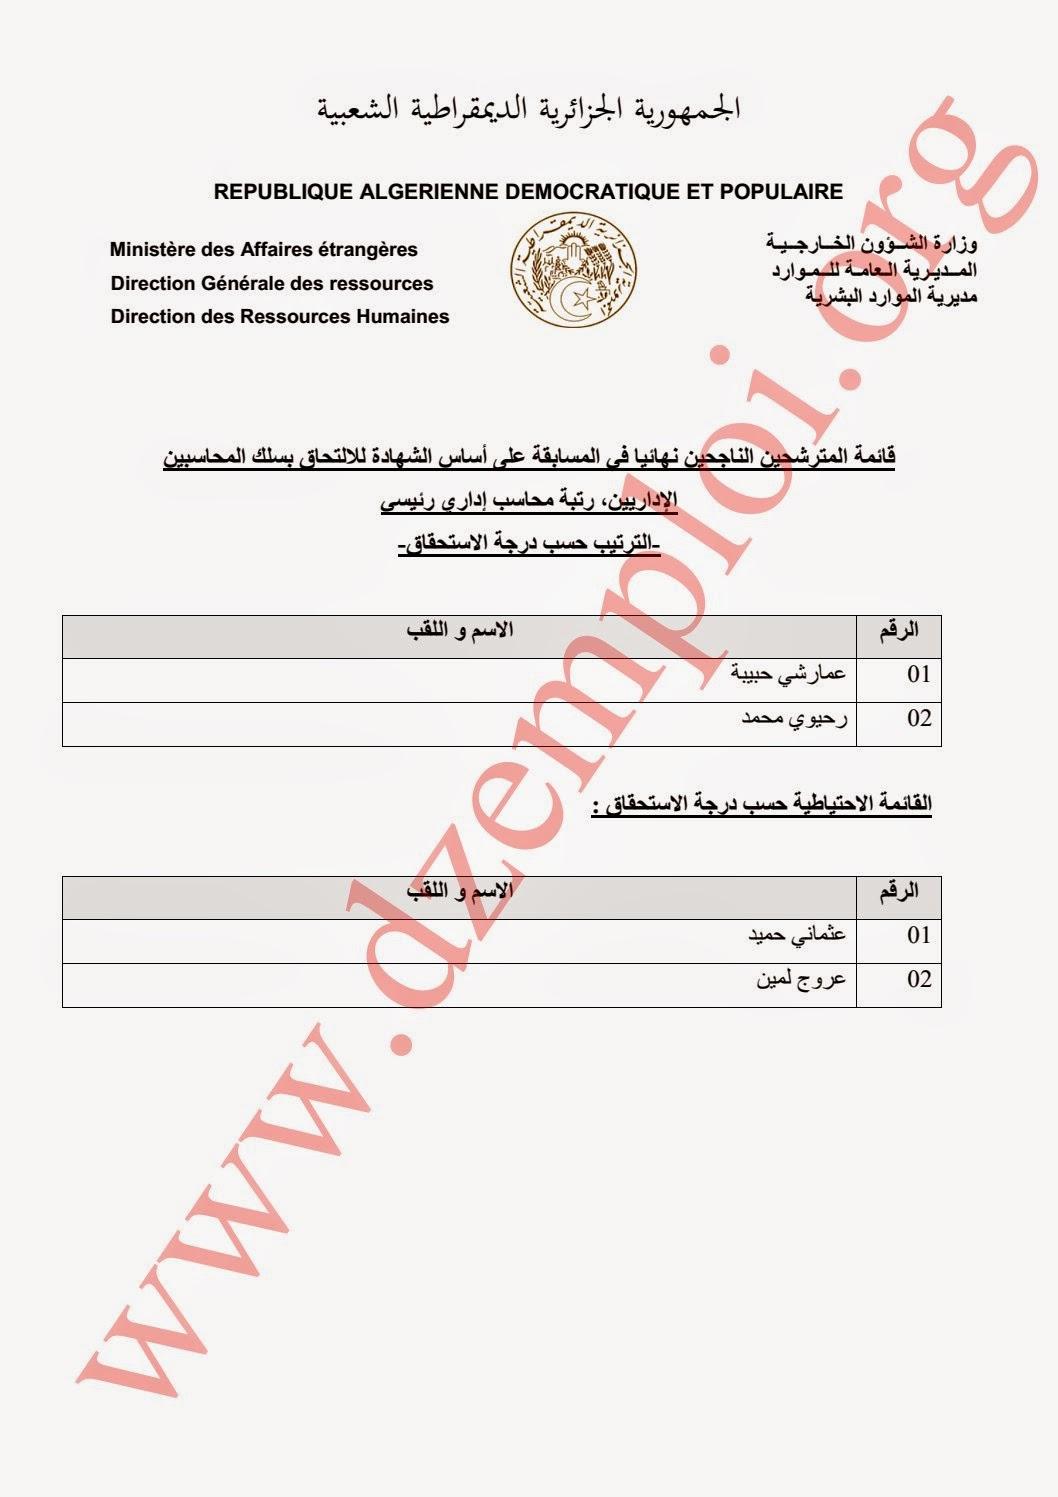 قائمة المترشحين الناجحين نهائيا في مسابقة وزارة الخارجية الخاصة برتب الأسلاك المشتركة 2014 3.jpg